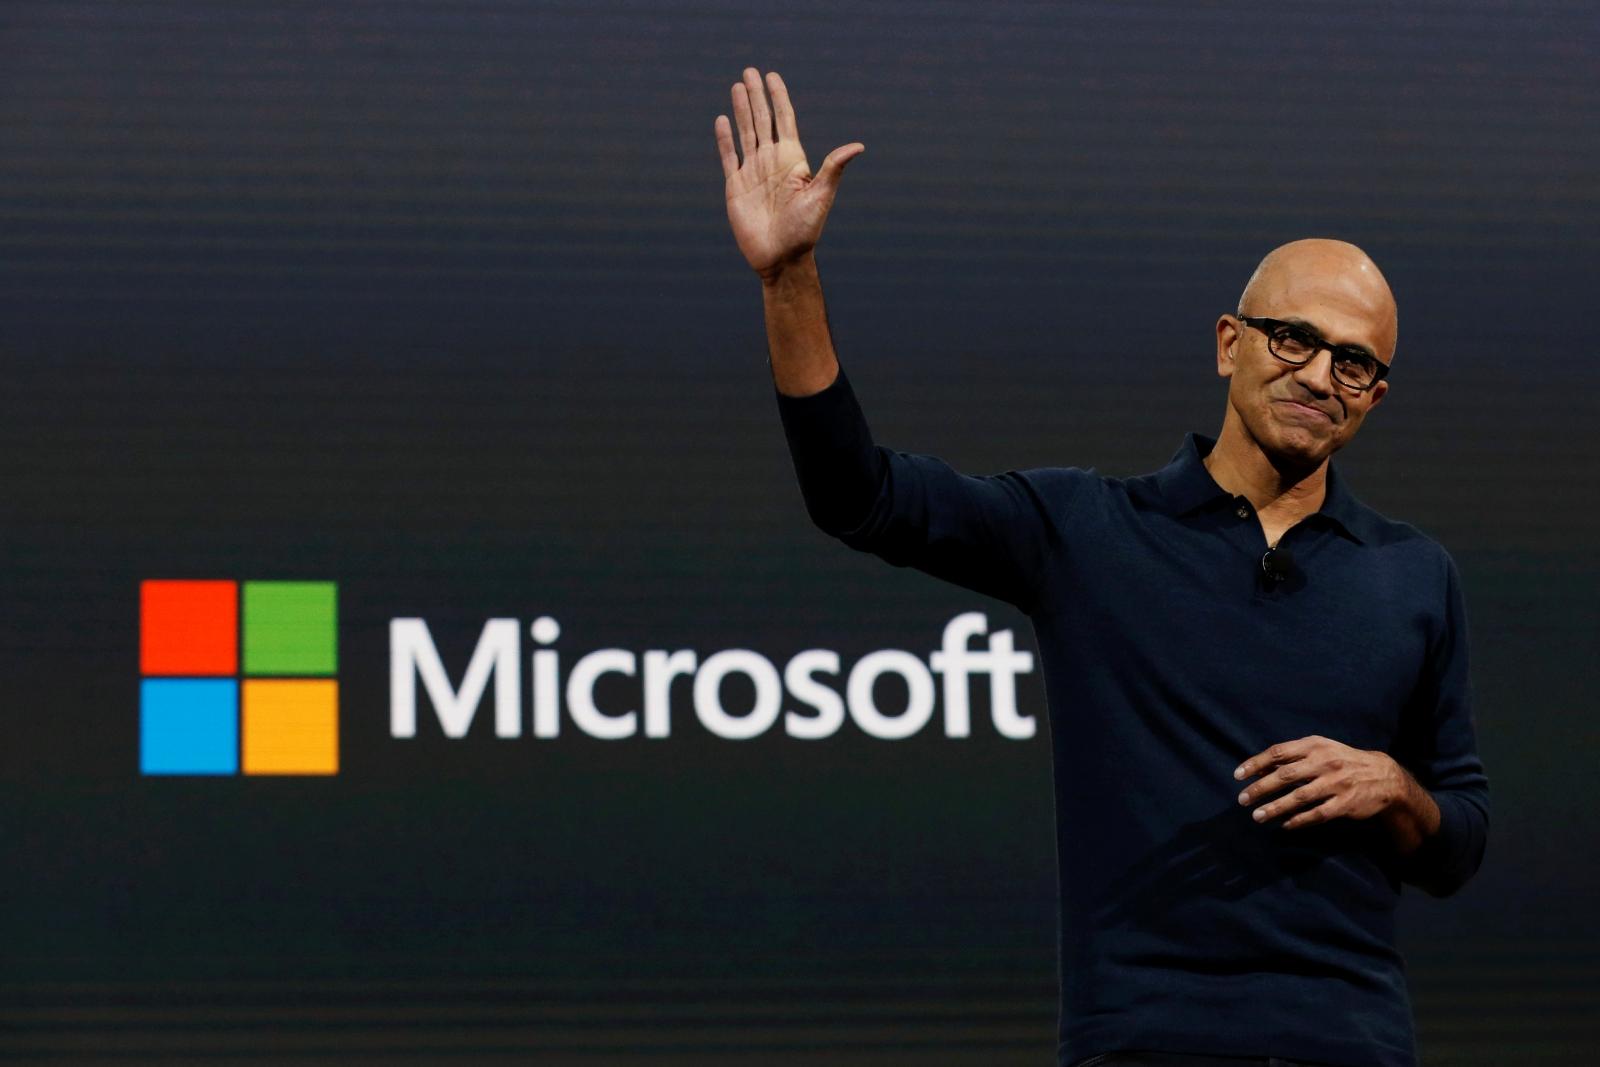 Microsoft CEO Satya Narayana Nadella